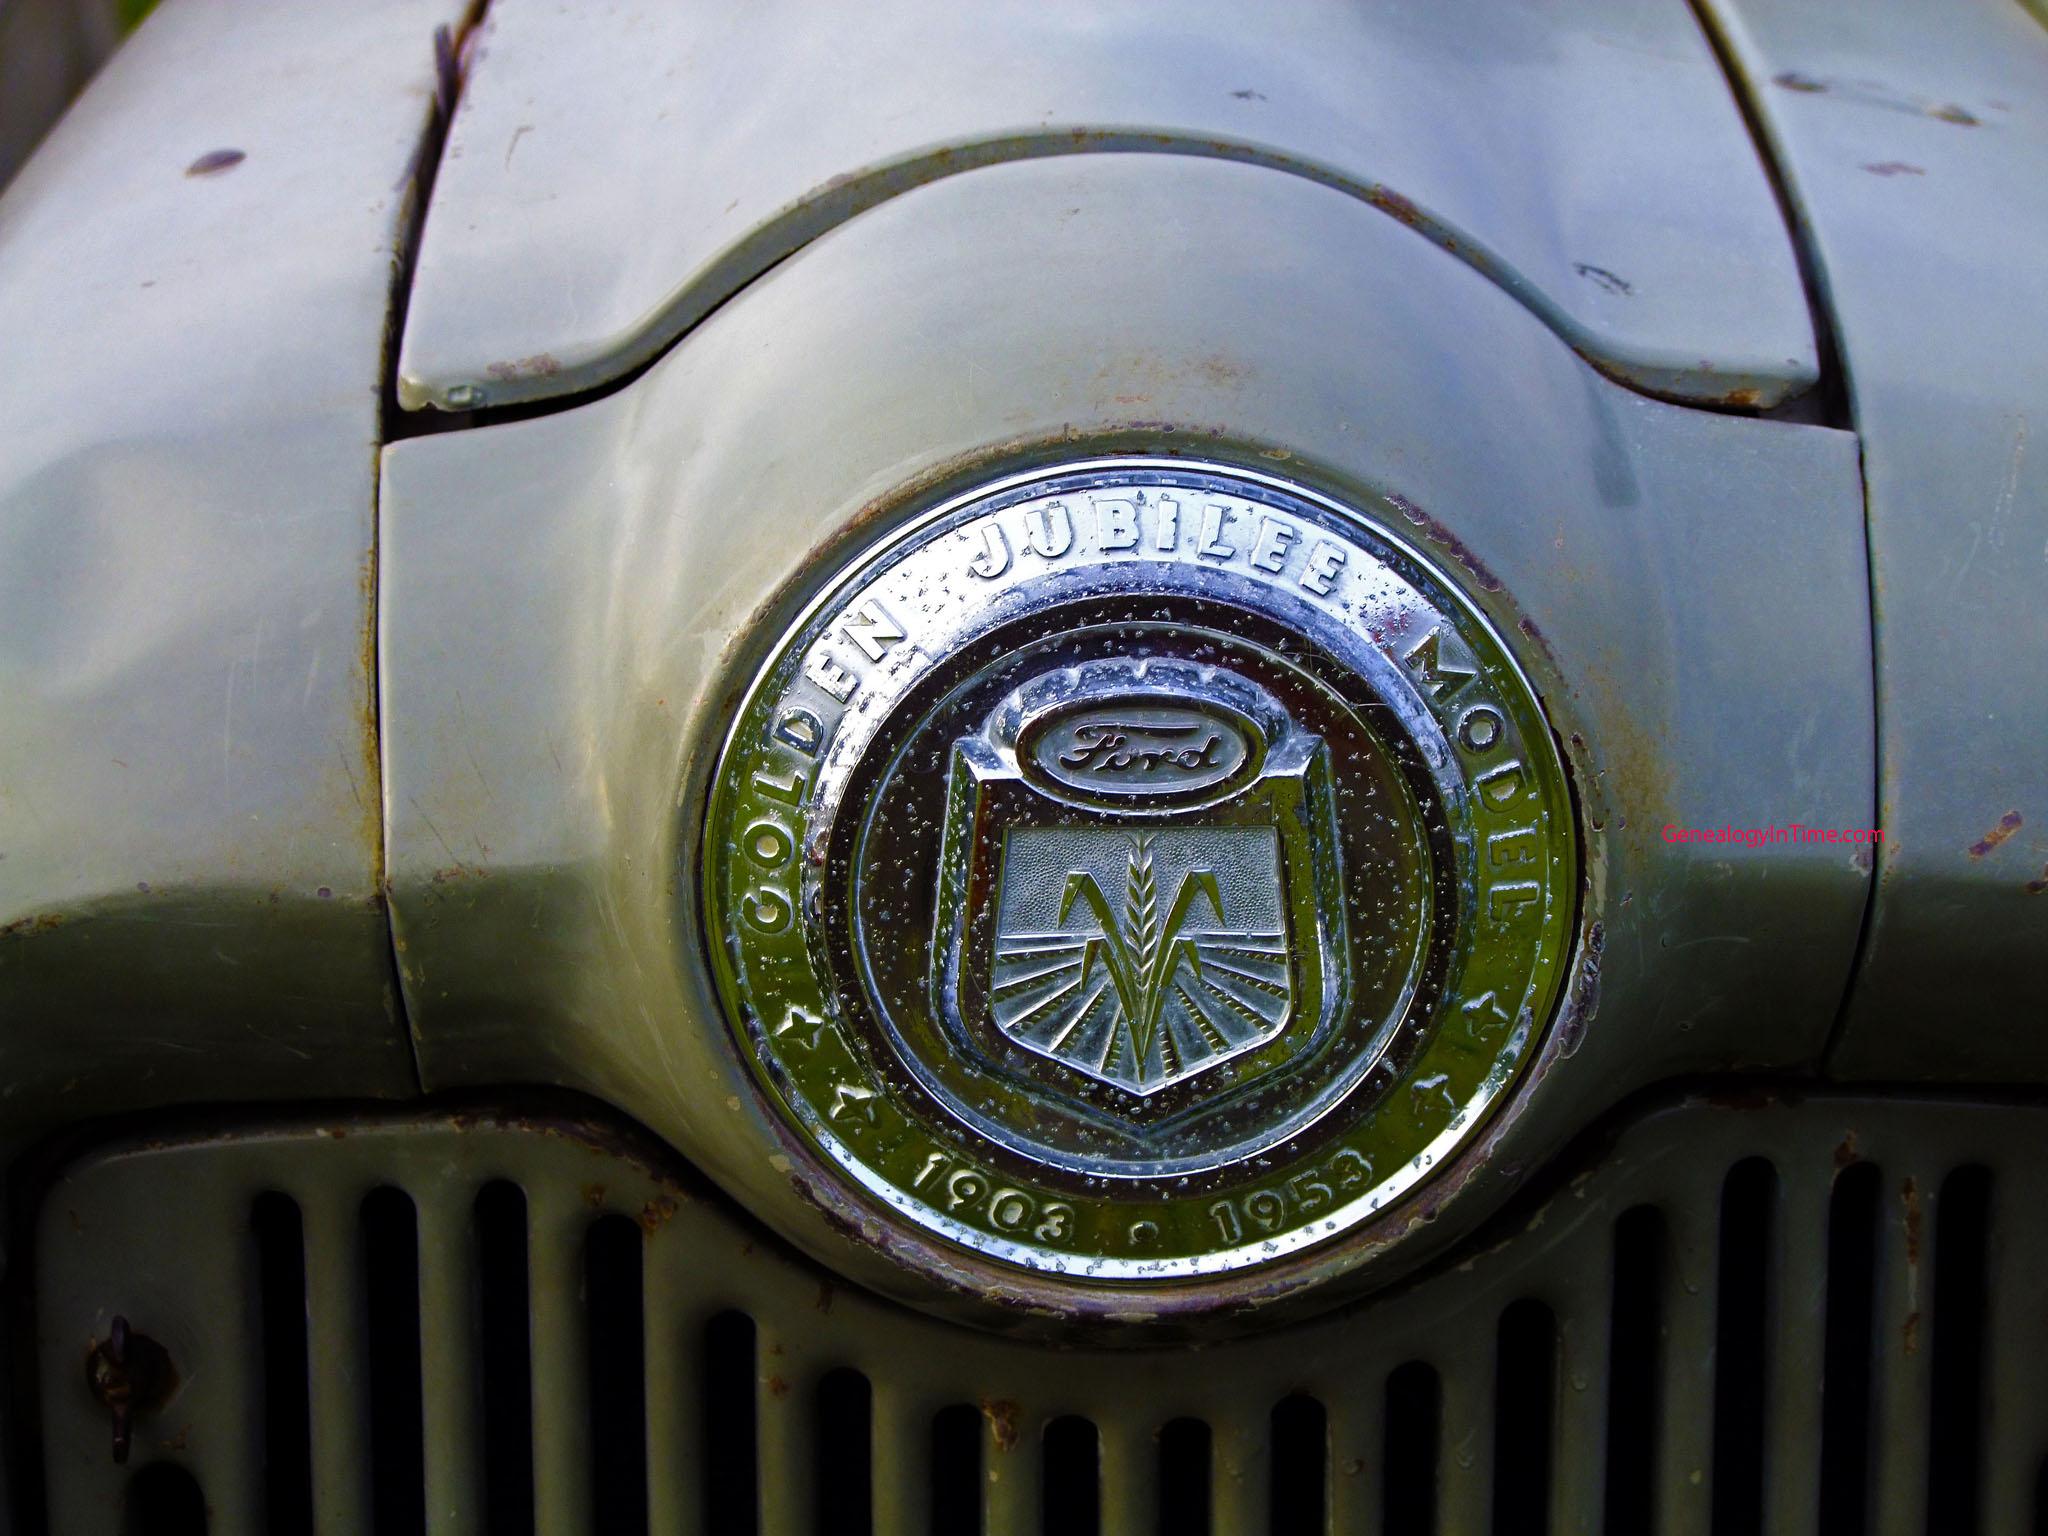 Farm Tractor Wallpaper a 1953 Ford Farm Tractor